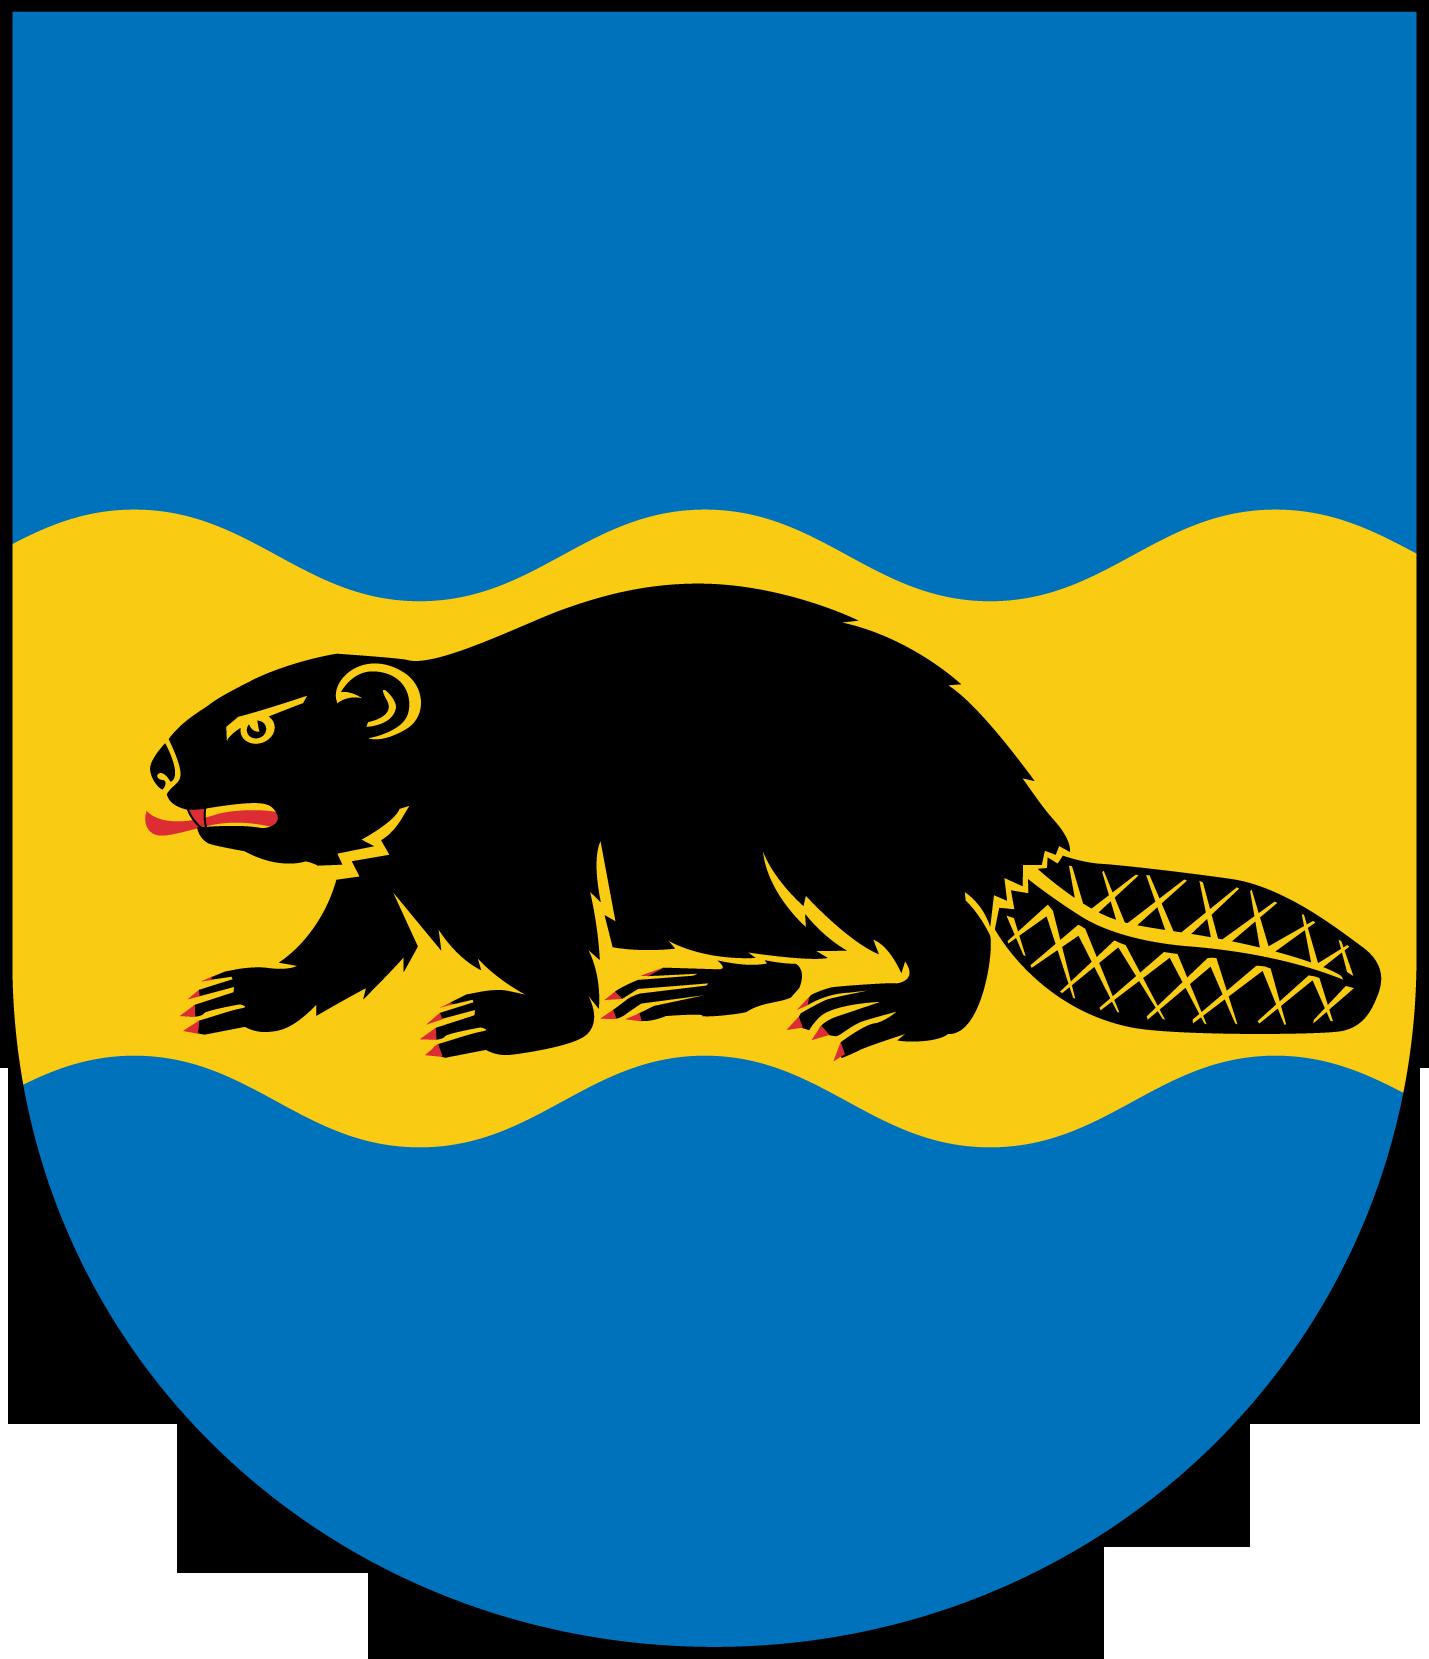 August Holmgren, born in Bjurholm, Vasterbotten, Sweden in